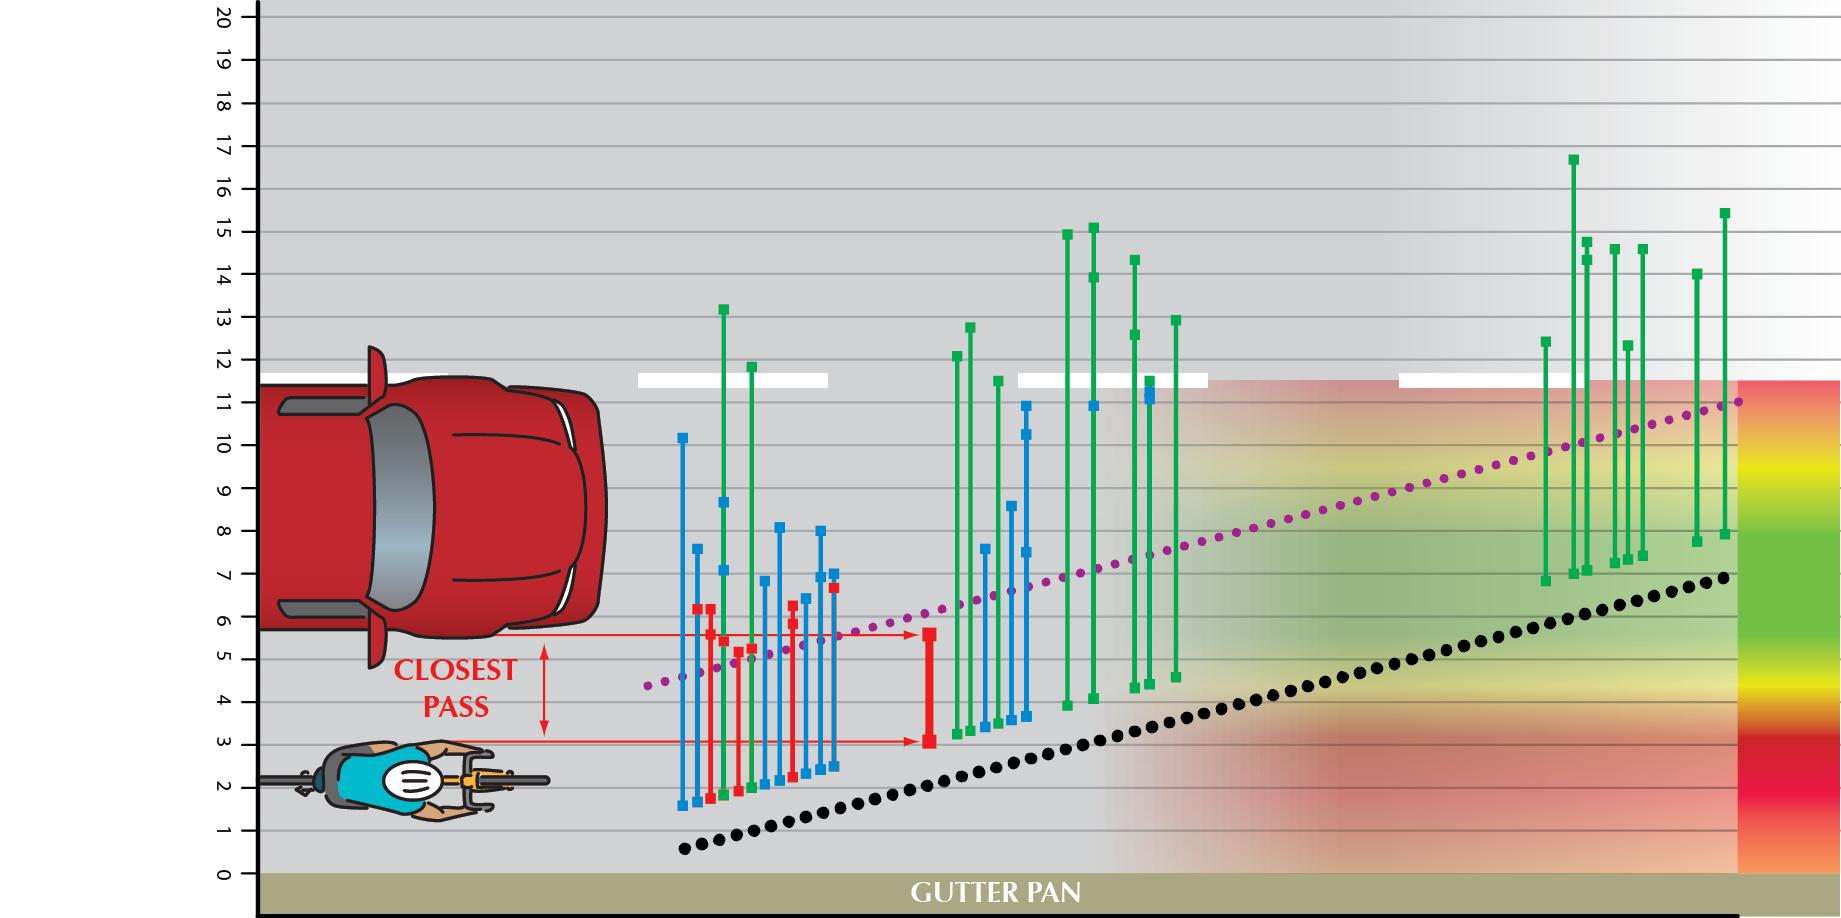 Bicyclist Roadway Position versus Motorist Overtaking Distance